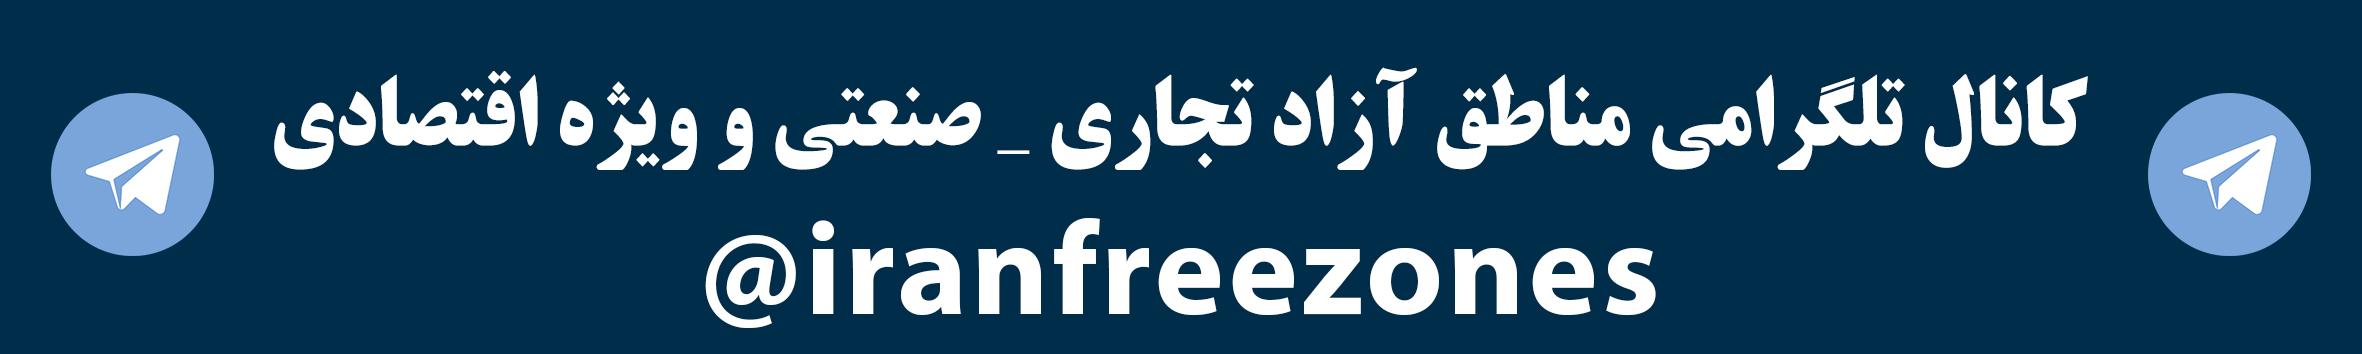 کانال تلگرامی مناطق آزاد